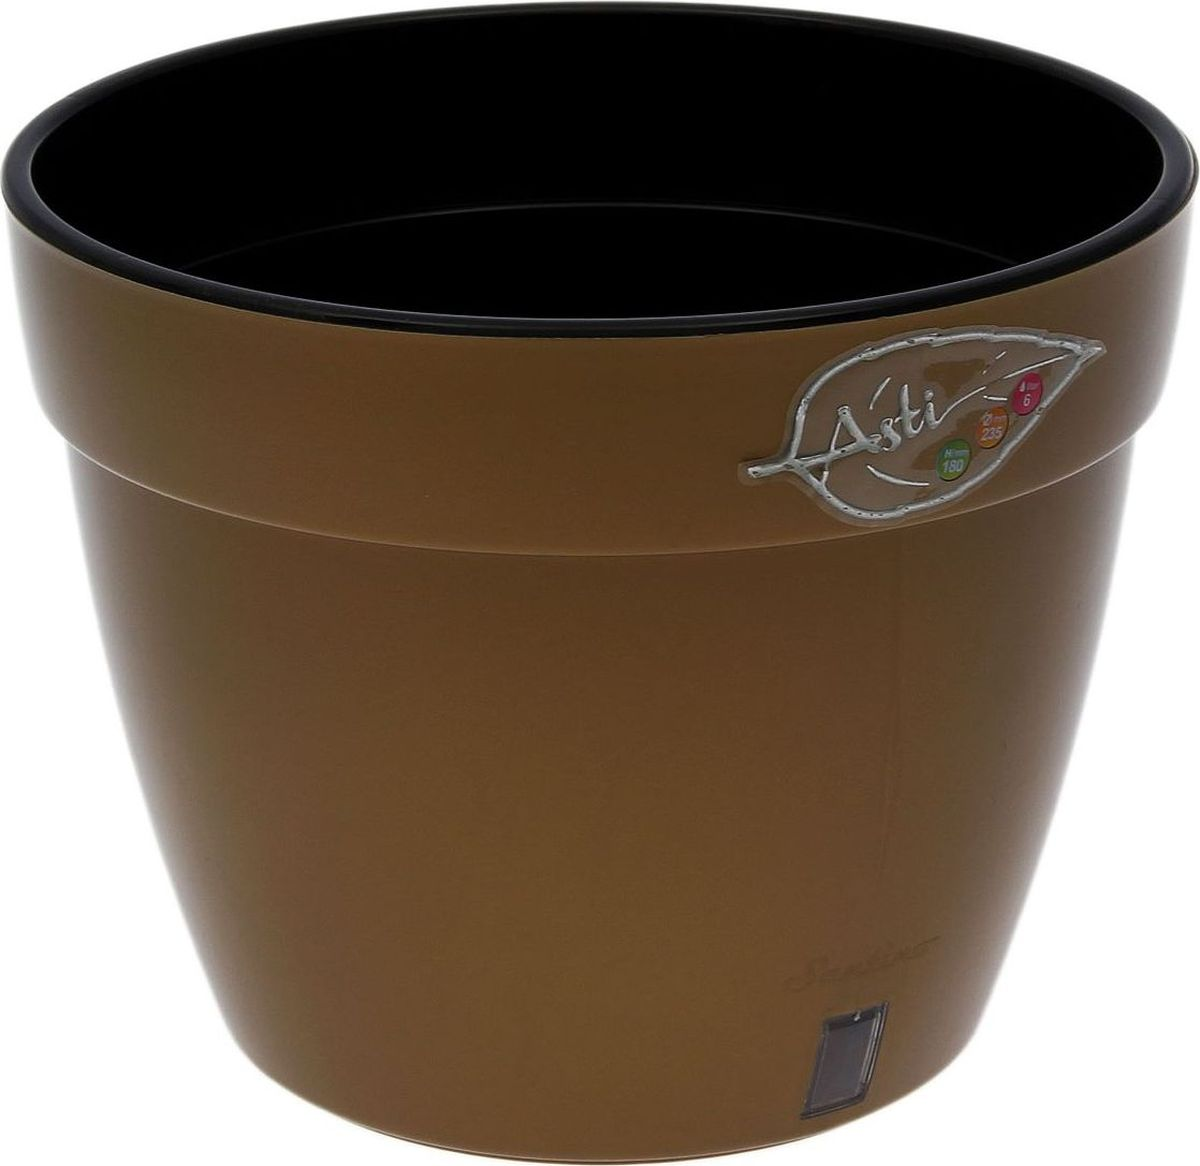 Горшок для цветов Santino Асти, цвет: золотистый, 12 л2034790Горшок Santino Асти, выполненный из высококачественного пластика, предназначен для выращивания комнатных цветов, растений и трав. Специальная конструкция обеспечивает вентиляцию в корневой системе растения, а дренажные отверстия позволяют выходить лишней влаге из почвы. Изделие состоит из цветного кашпо и внутреннего горшка. Растение высаживается во внутренний горшок и вставляется в кашпо.Такой горшок порадует вас современным дизайном и функциональностью, а также оригинально украсит интерьер любого помещения.